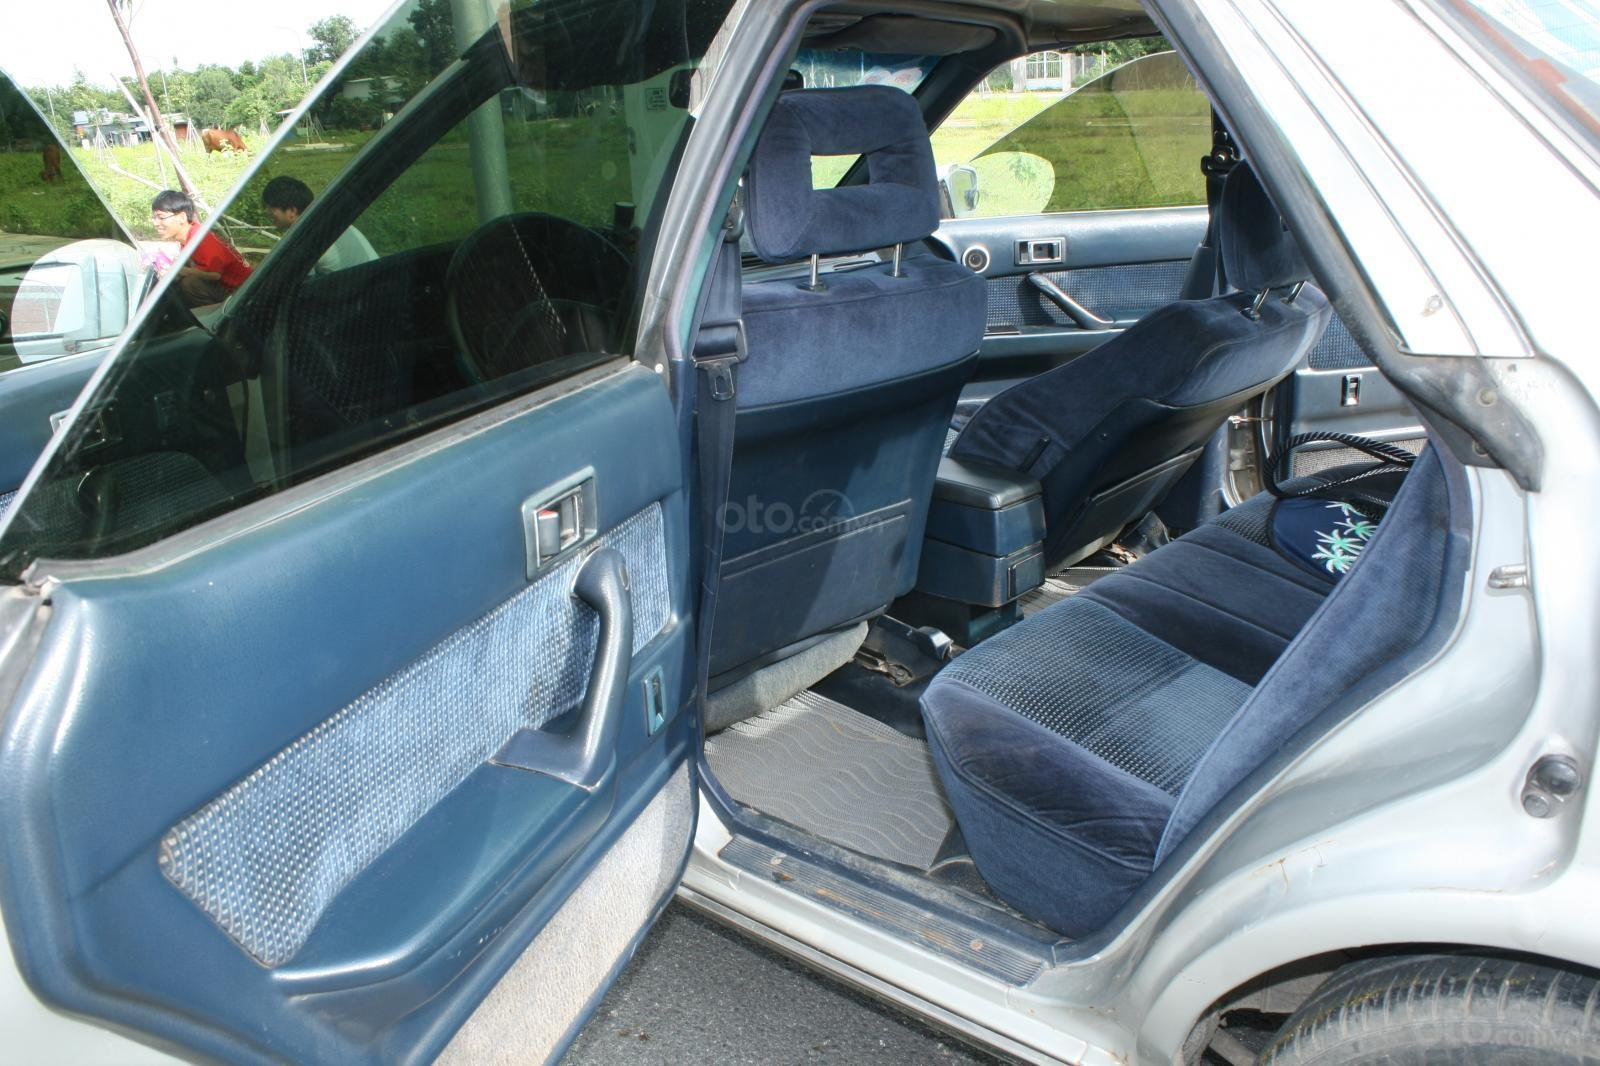 Bán ô tô Toyota Camry đời 1987, màu bạc, nhập khẩu nguyên chiếc chính chủ, giá 90tr (5)